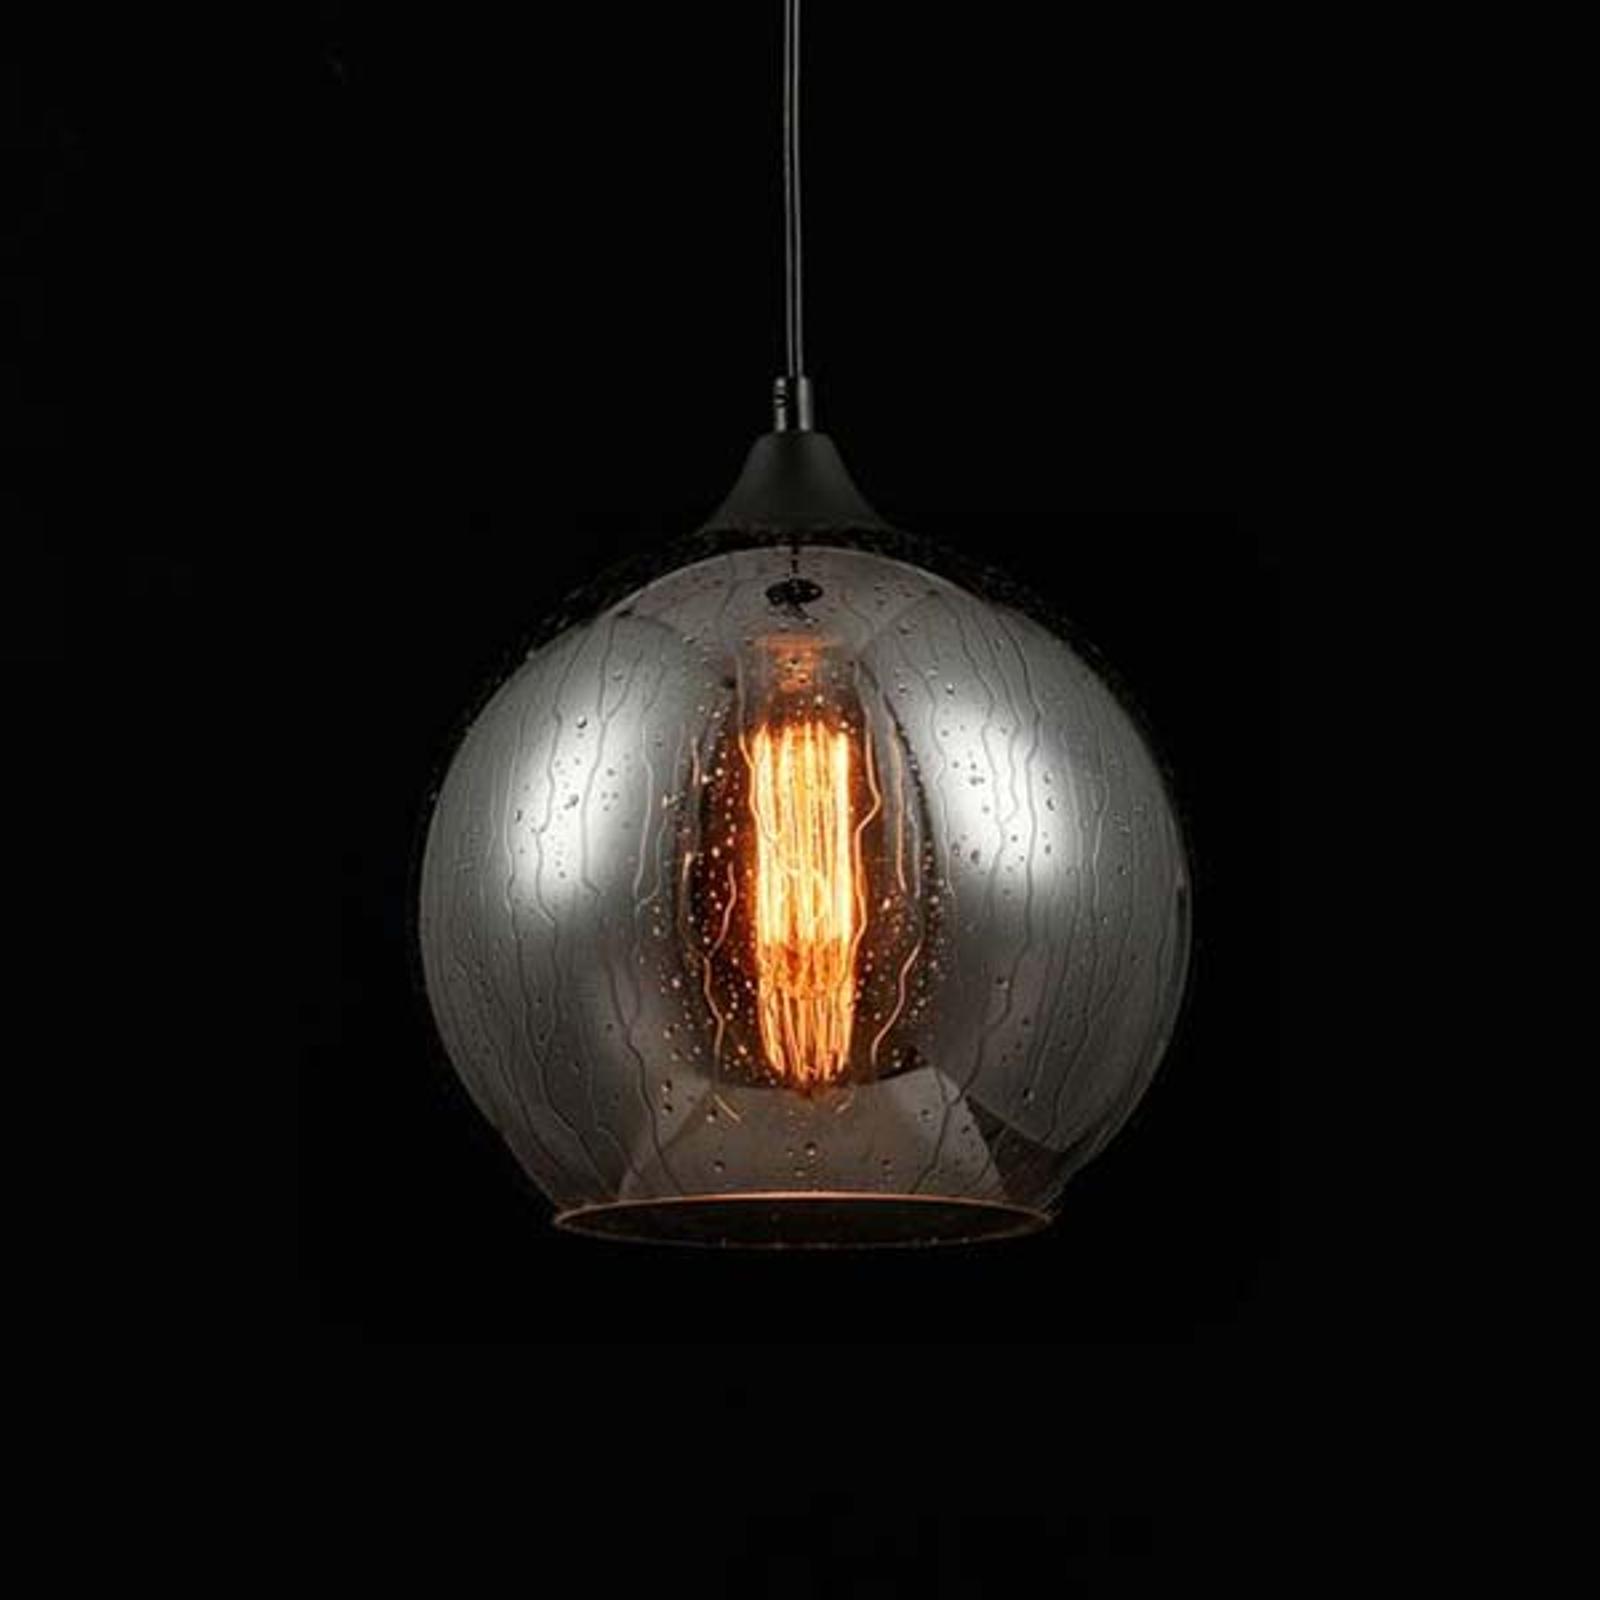 Glas-hanglamp bergen met regeneffect Ø 25cm